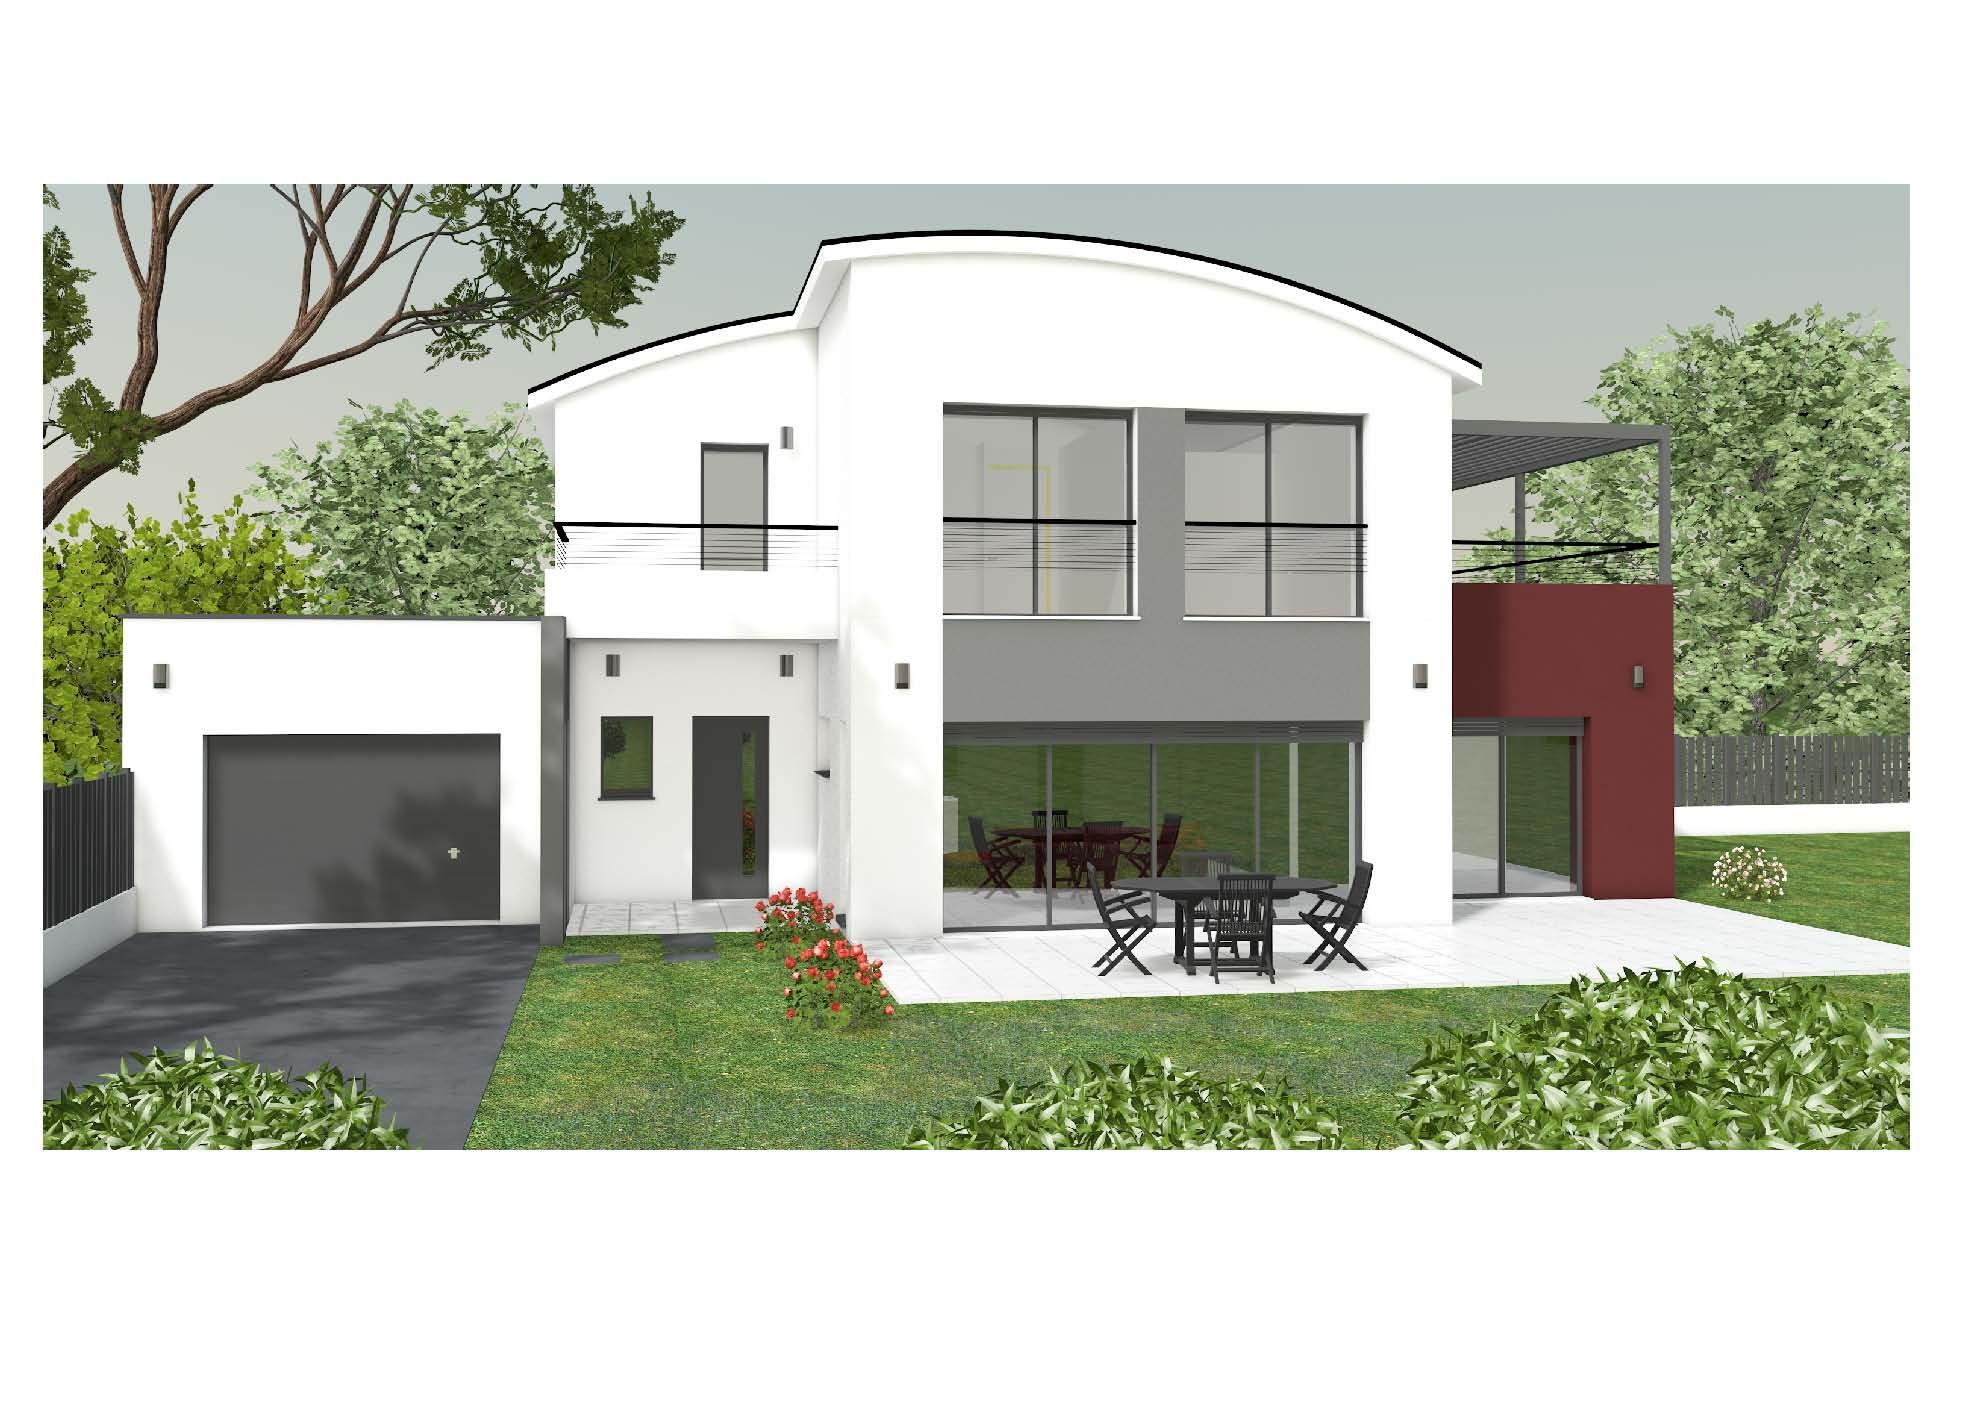 Mod les et plans de maisons sur mesure constructions for Modele maison geoxia